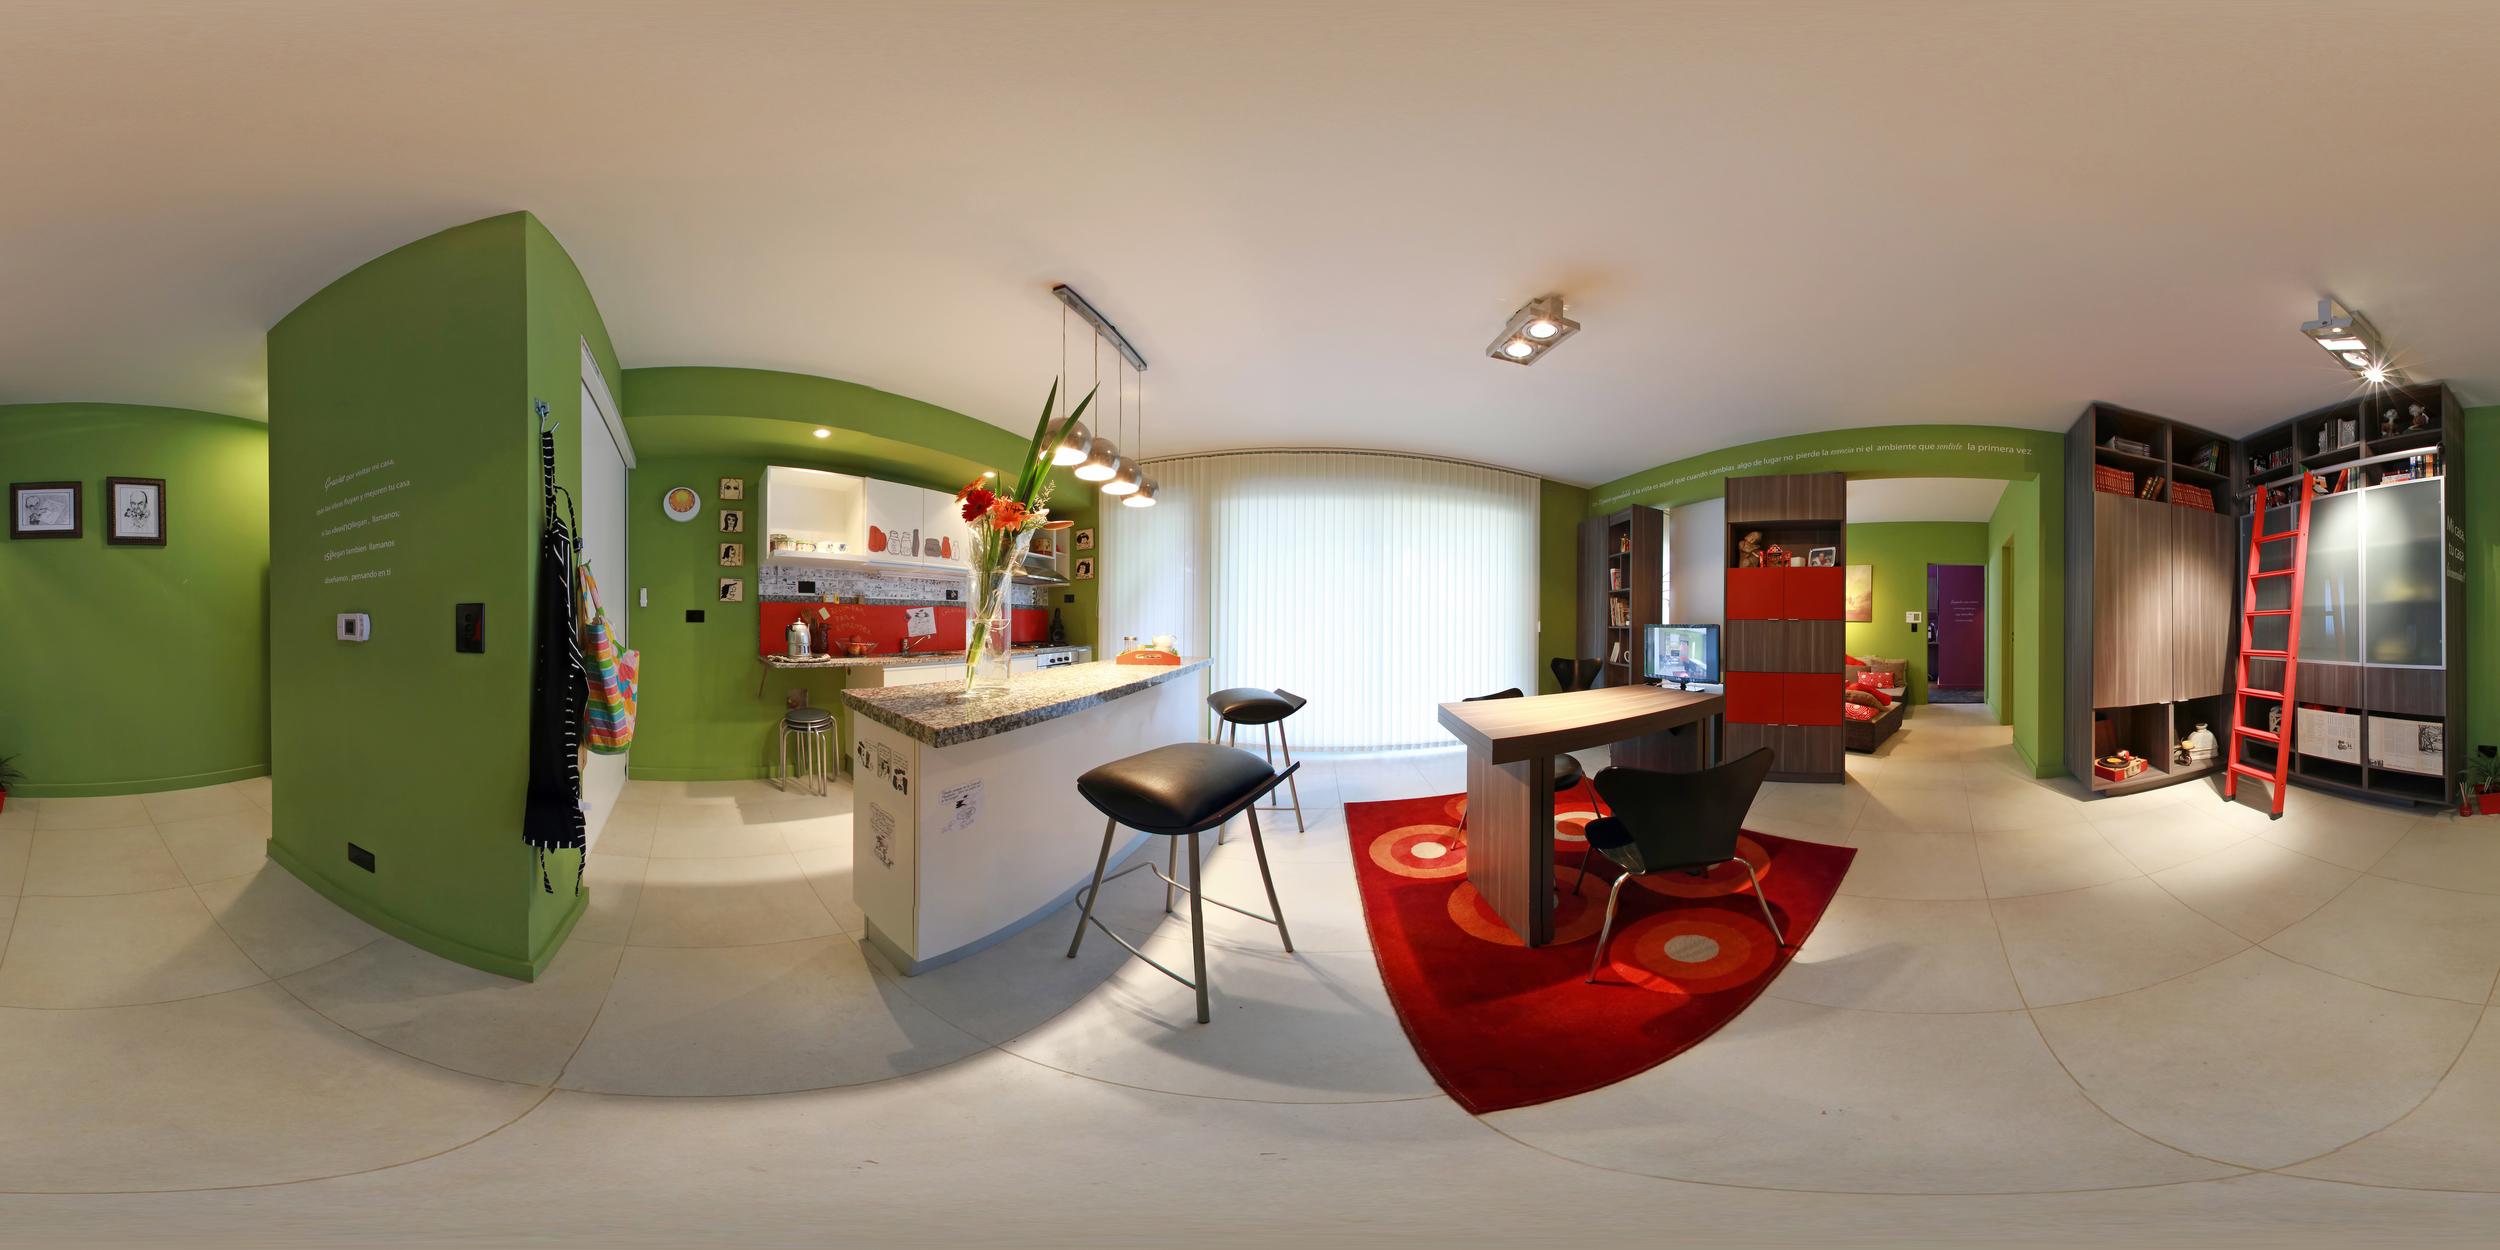 Use of Color Award , Estilo Pilar 2012 (Argentina)